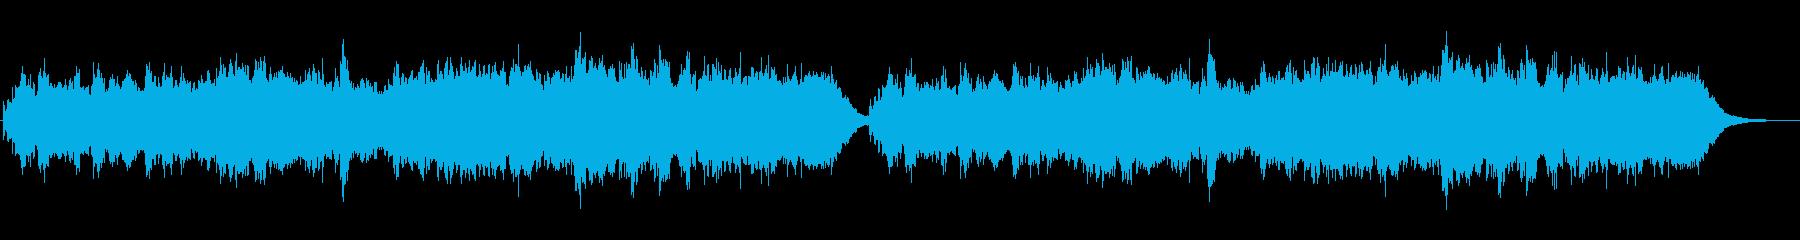 ジブリ風のバグパイプのメルヘンの世界の再生済みの波形